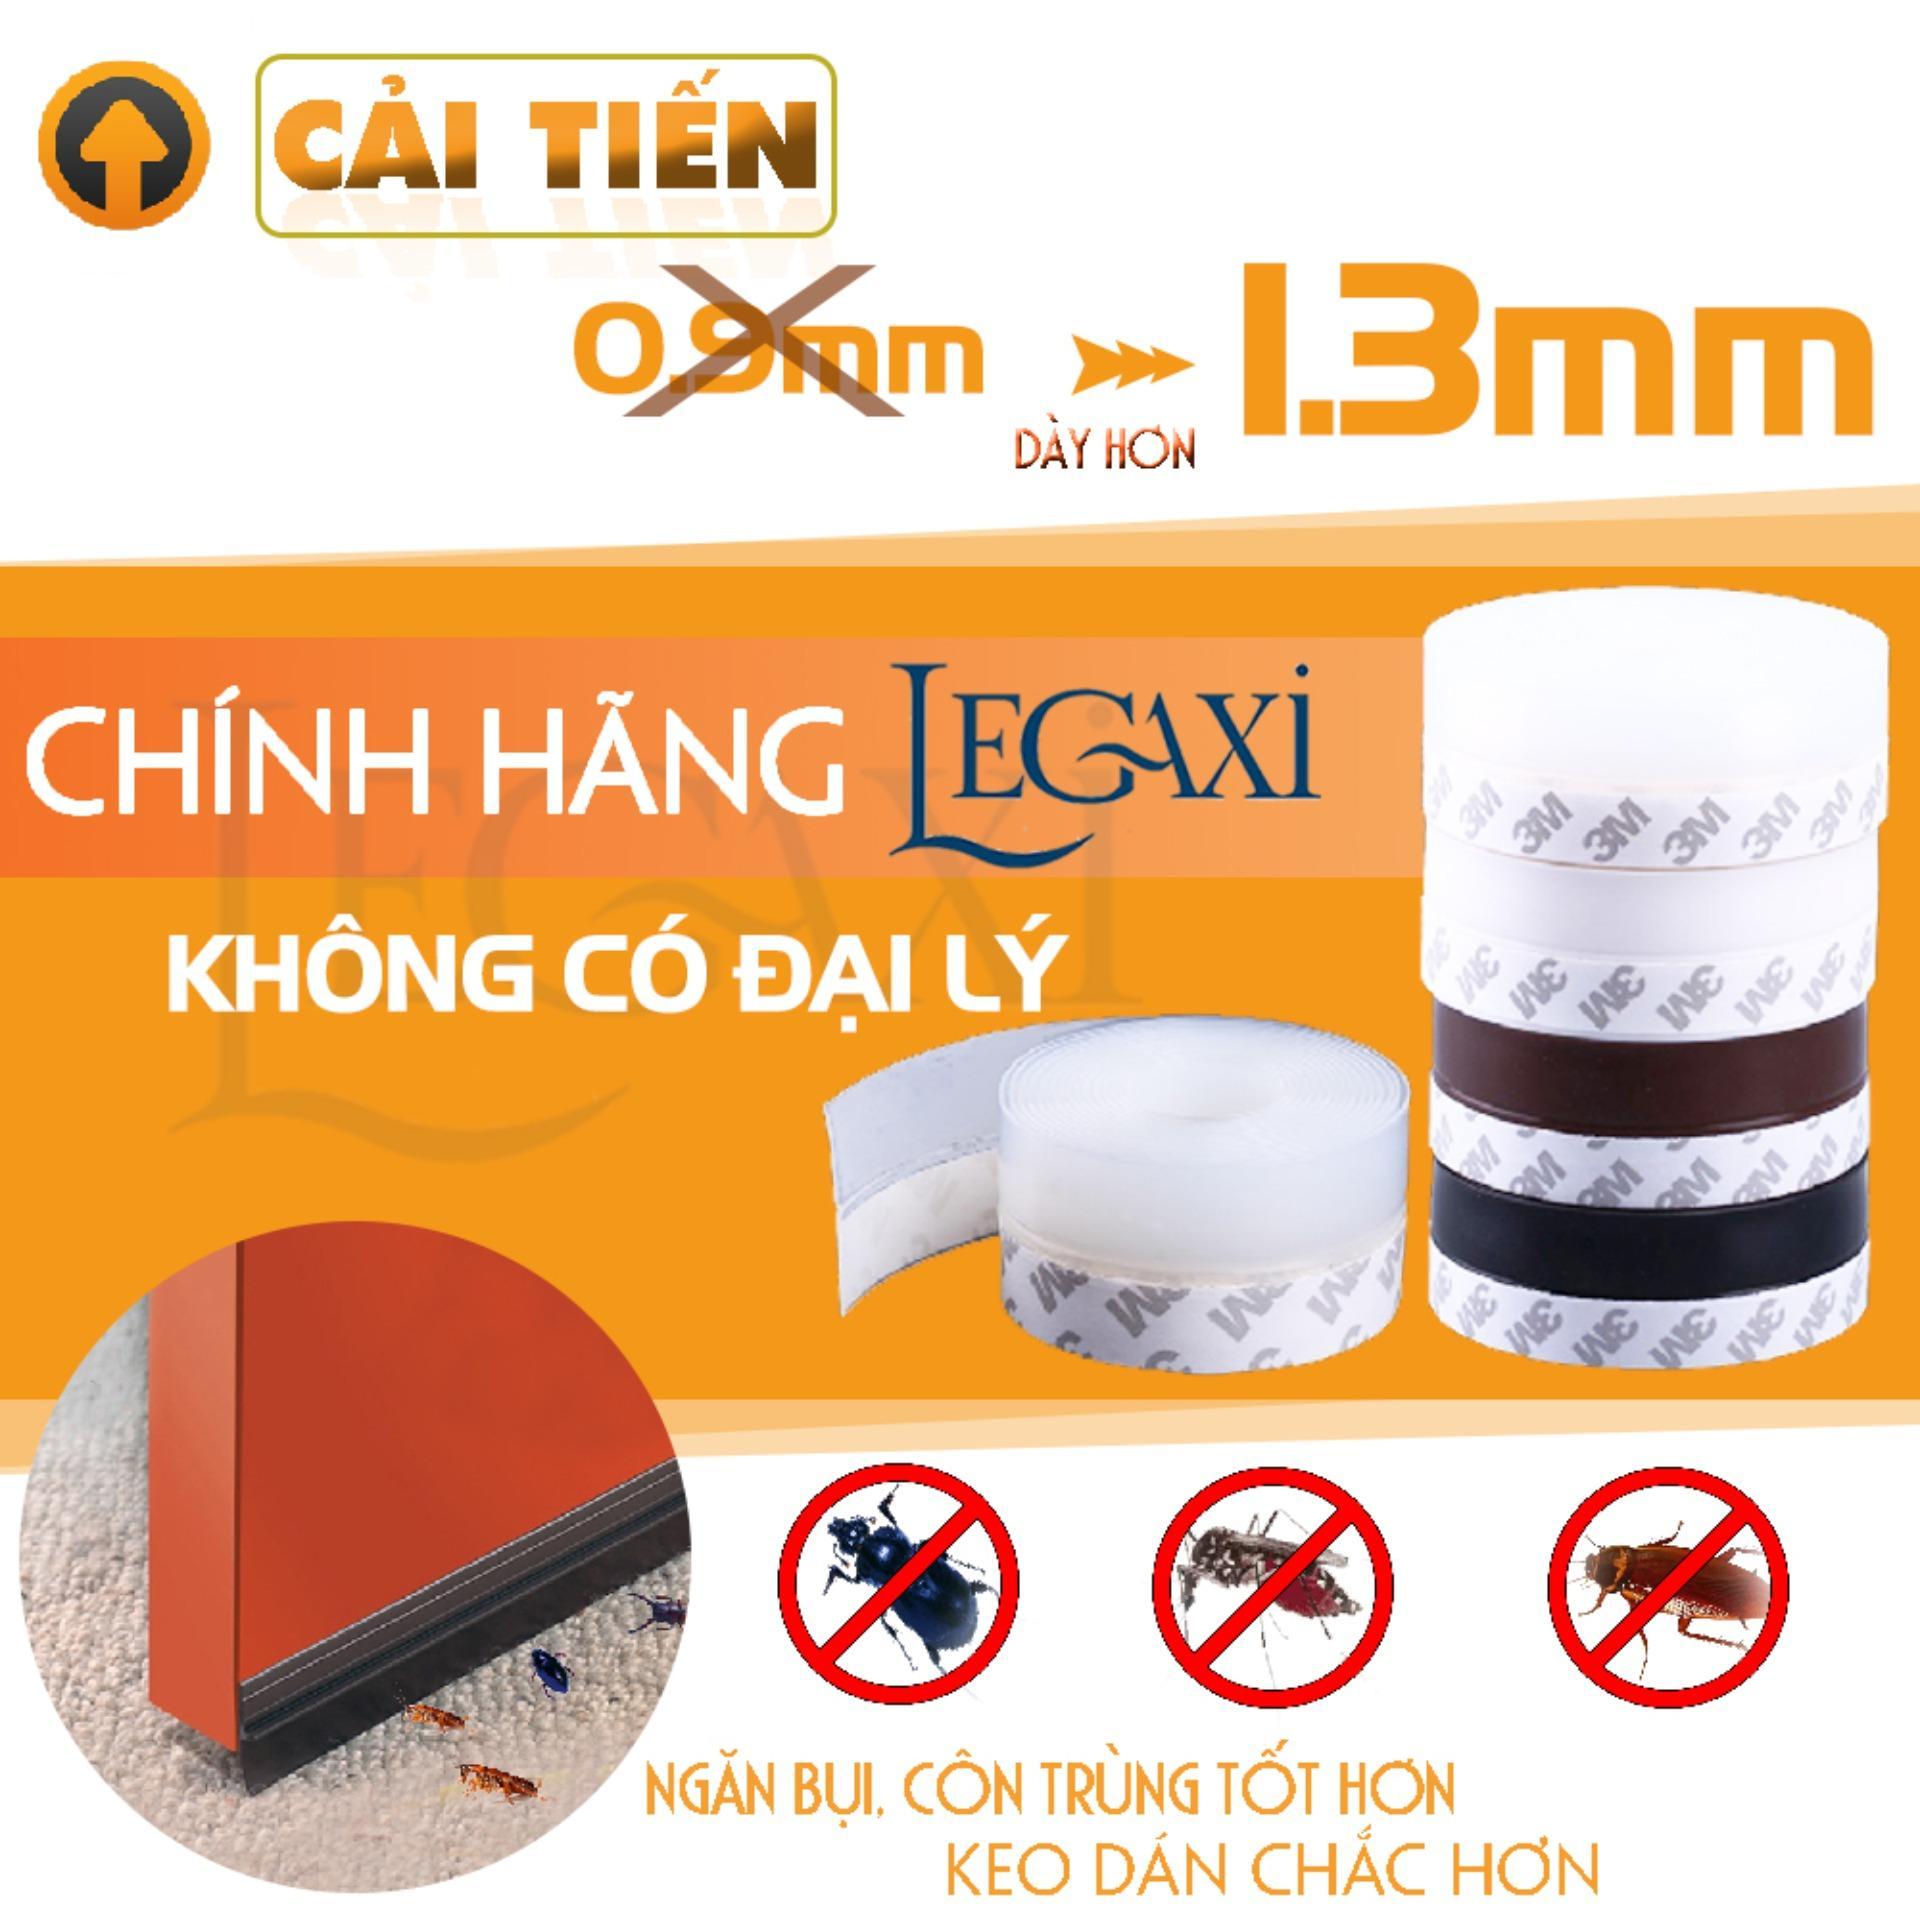 Giảm Giá Khi Mua cho Ron Chân Cửa Loại Cải Tiến Ngăn Bụi Và Côn Trùng 25 35 45 60 110mm Legaxi